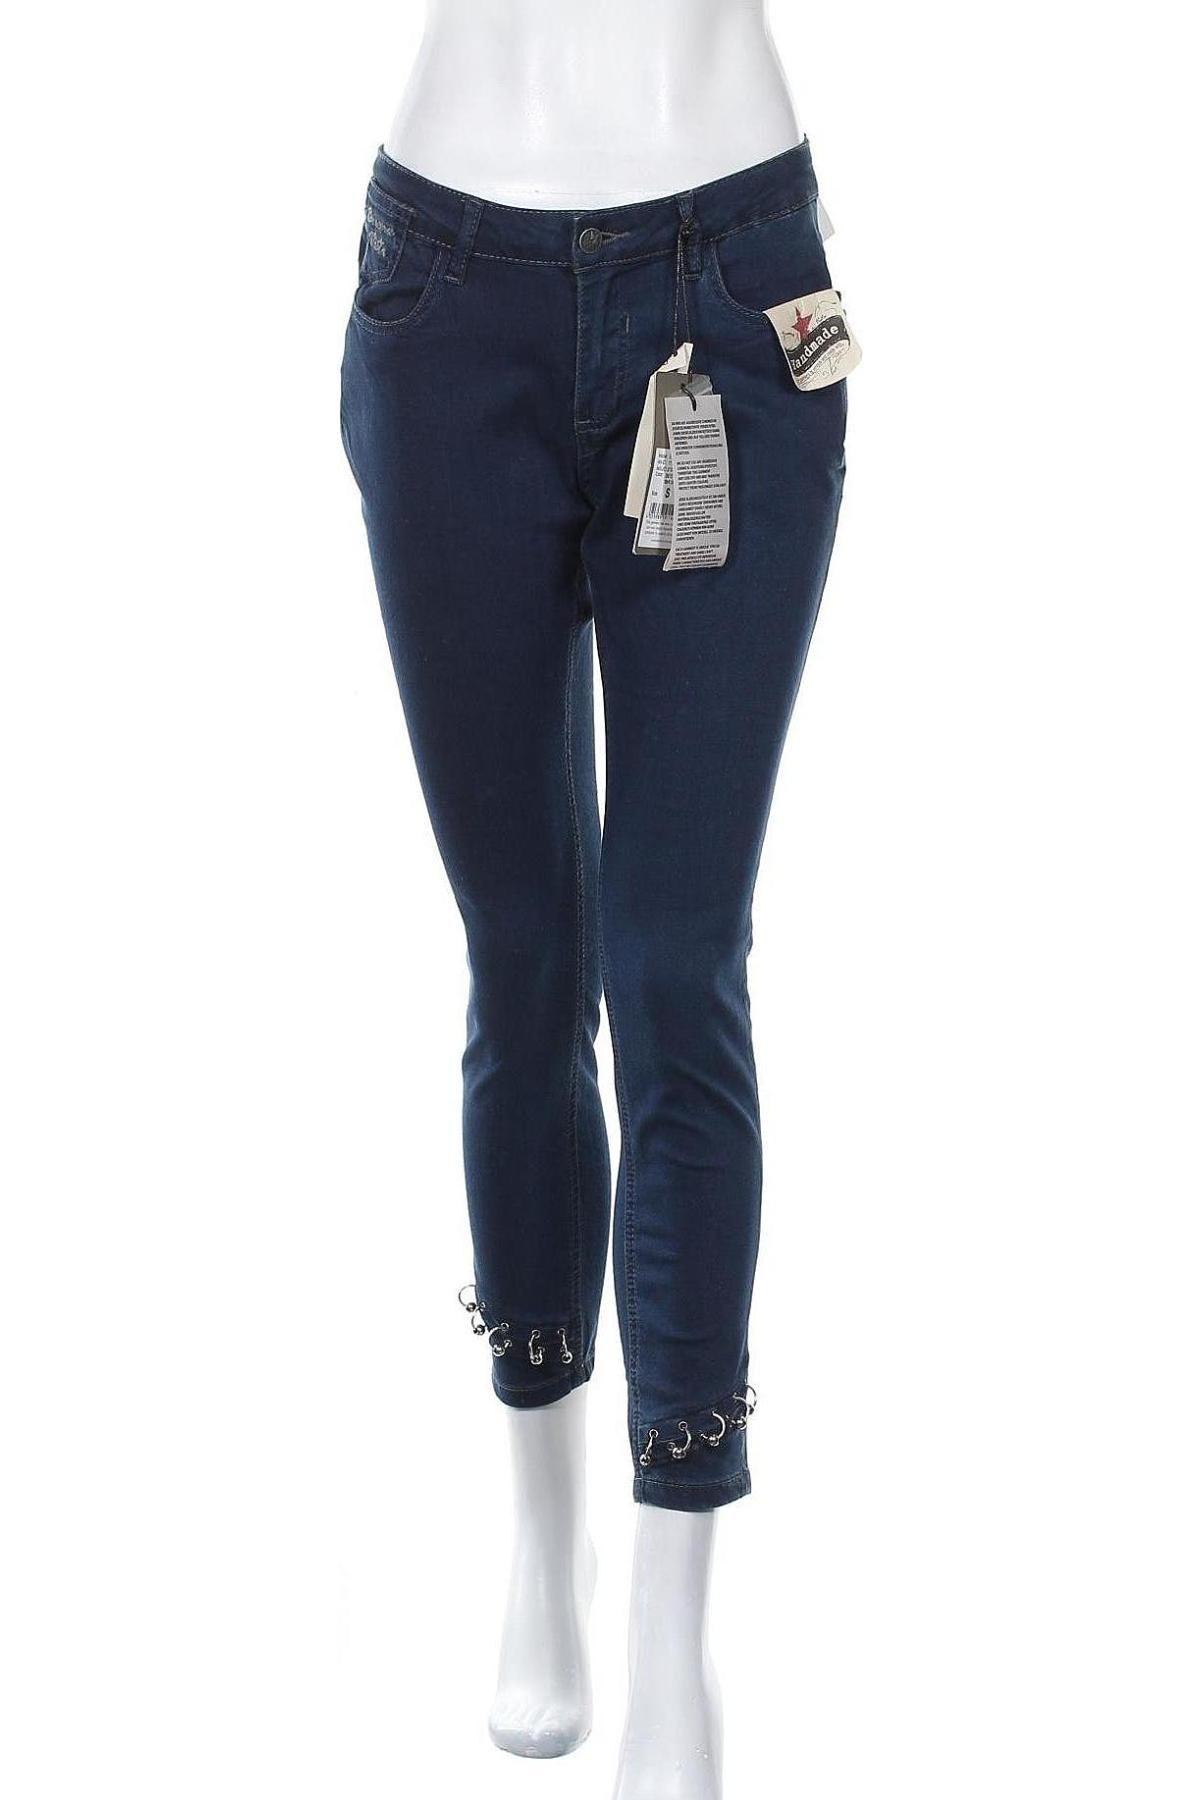 Дамски дънки Buena Vista, Размер S, Цвят Син, 70% памук, 27% полиестер, 3% еластан, Цена 18,17лв.